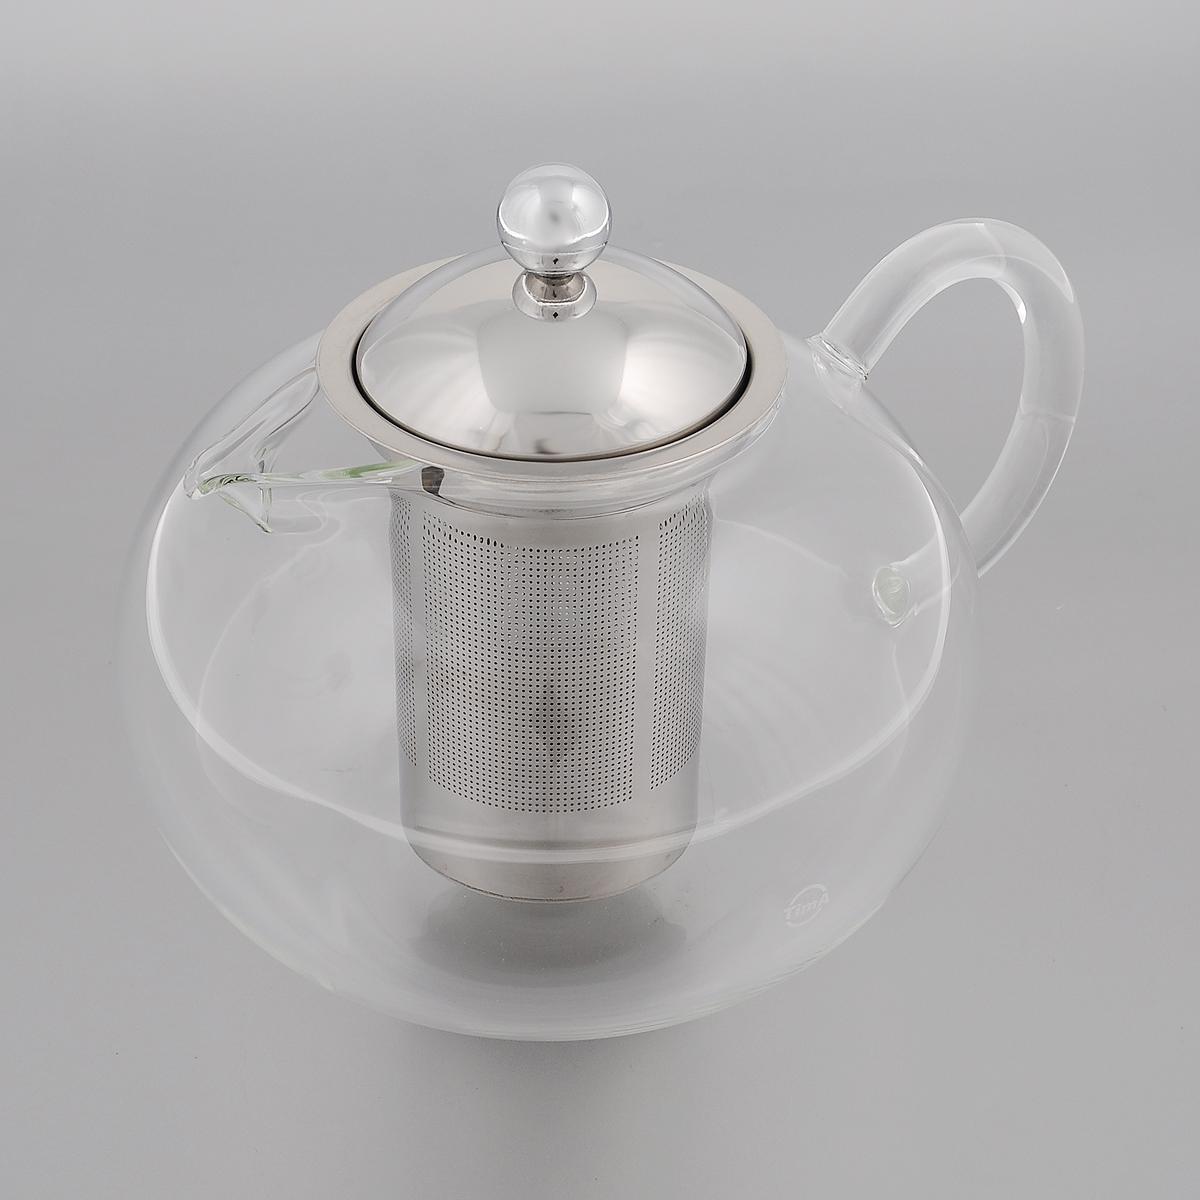 Чайник заварочный TimA Бергамот, 1,5 лTB-1500Заварочный чайник TimA Бергамот изготовлен из термостойкого боросиликатного стекла - прочного износостойкого материала. Чайник оснащен фильтром и крышкой из нержавеющей стали. Простой и удобный чайник поможет вам приготовить крепкий, ароматный чай. Дизайн изделия создает гипнотическую атмосферу через сочетание полупрозрачного цвета и хромированных элементов. Можно мыть в посудомоечной машине. Не использовать в микроволновой печи. Диаметр (по верхнему краю): 7,5 см. Высота (без учета крышки): 10,5 см. Высота фильтра: 10 см.